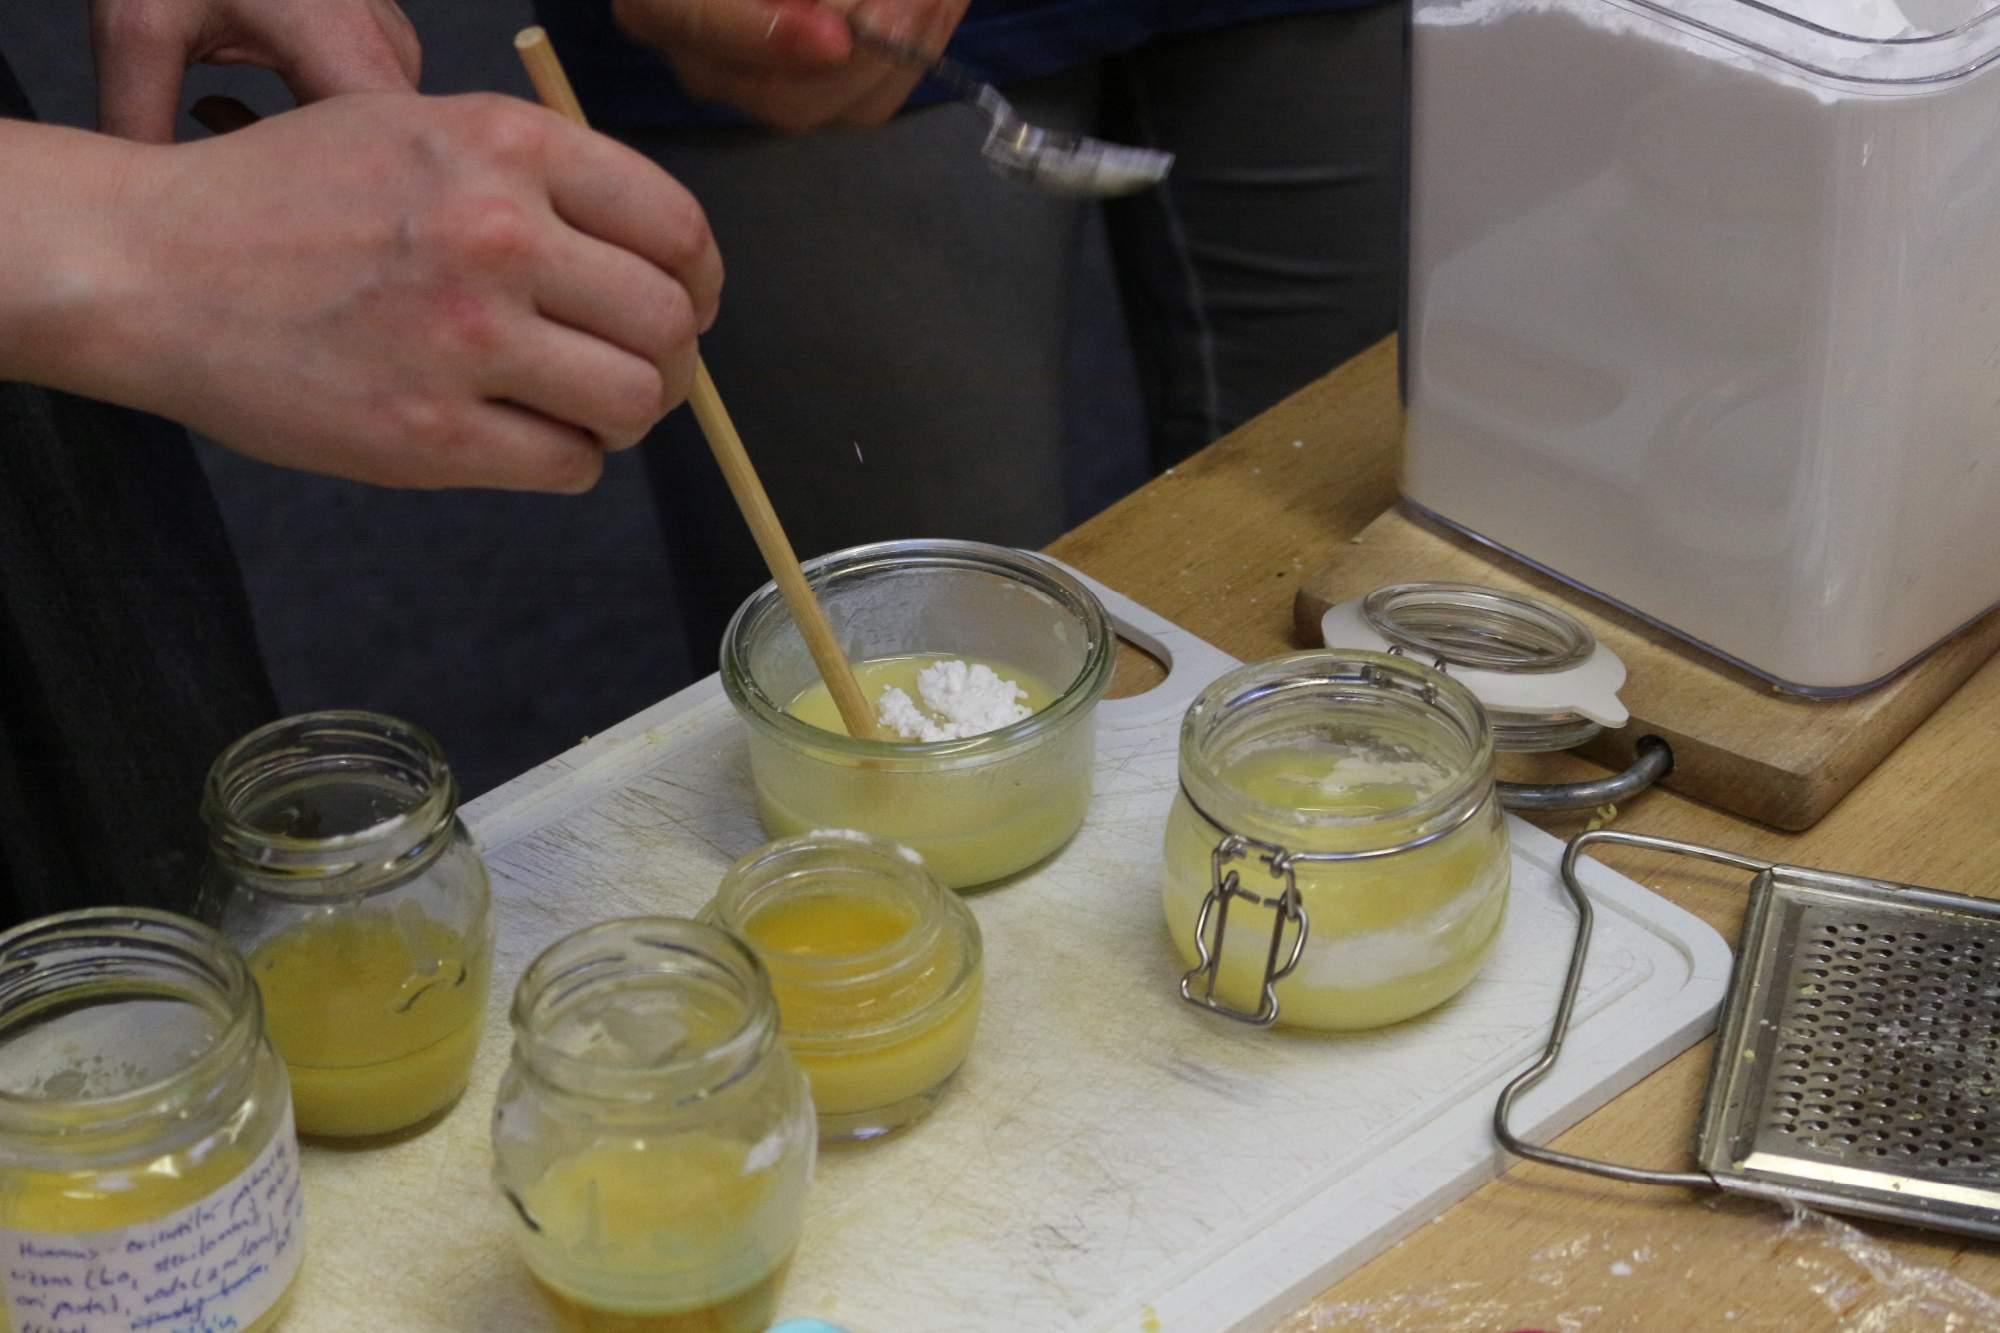 Po vytiahnutí z vodného kúpeľa pridali kokosový olej, sódu a škrob až kým zmes nebola hustá. Foto: Simona Gálová